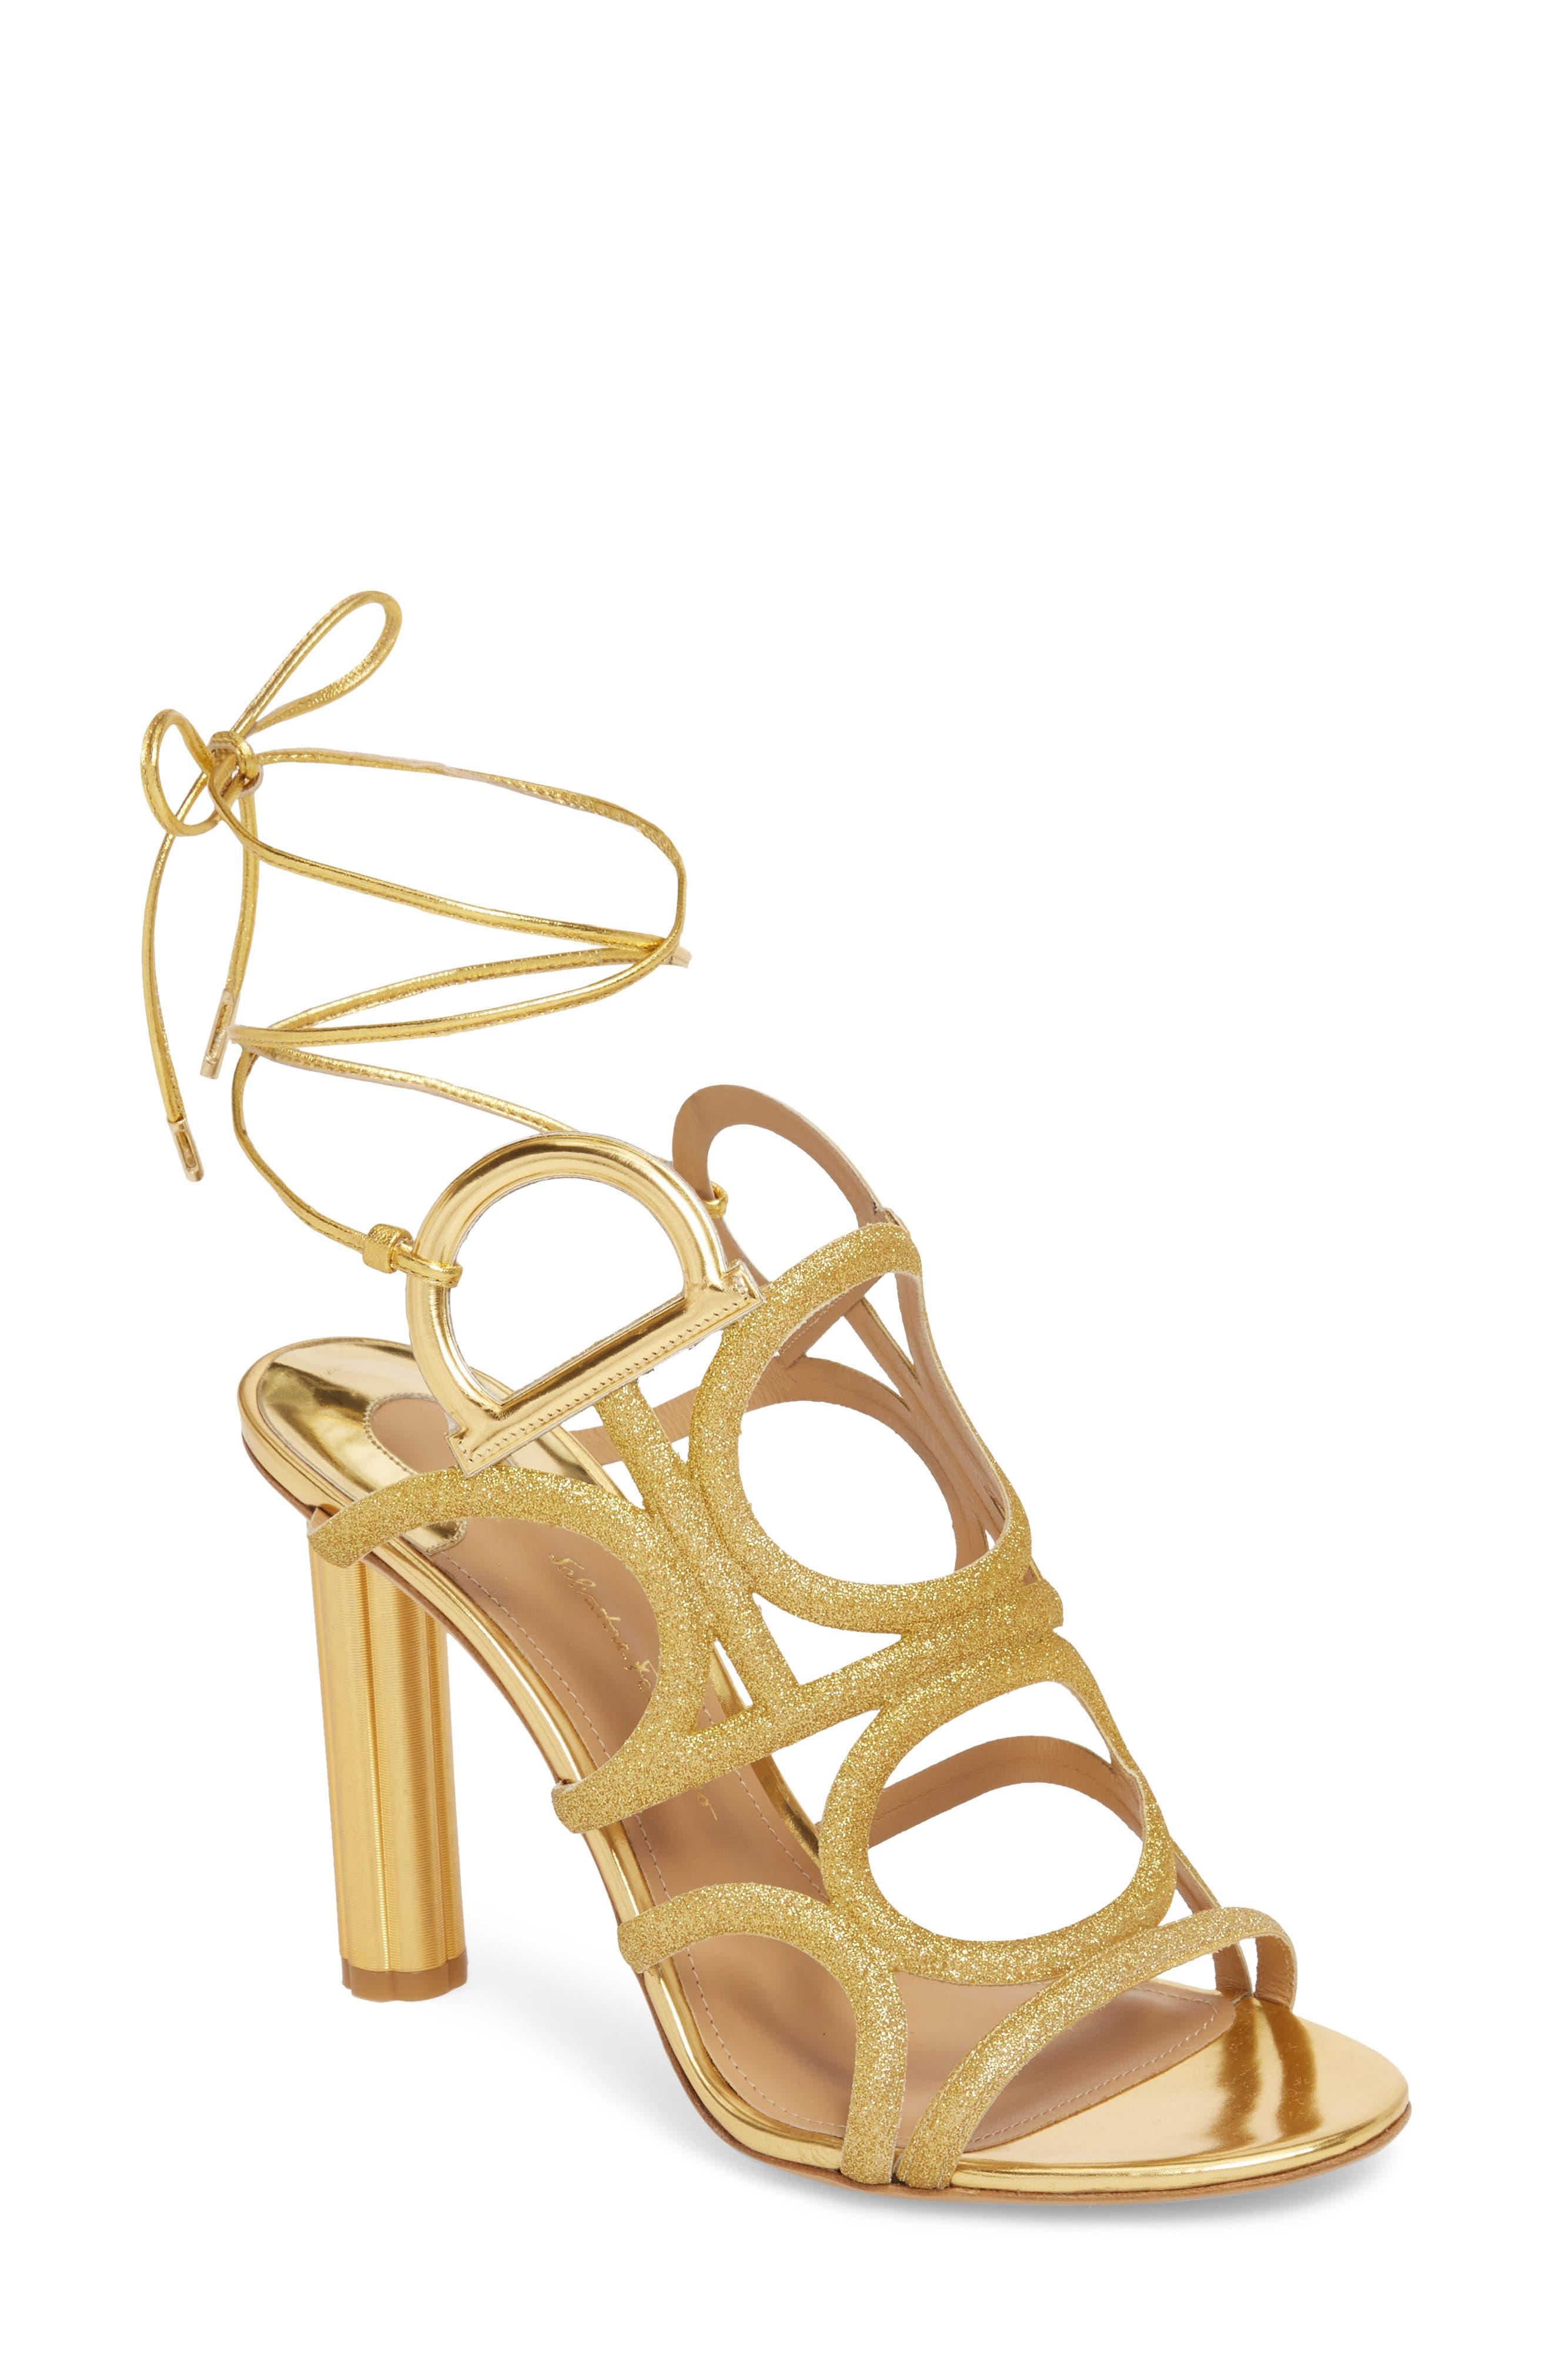 Vinci Lace-Up Sandal,                             Main thumbnail 1, color,                             Gold